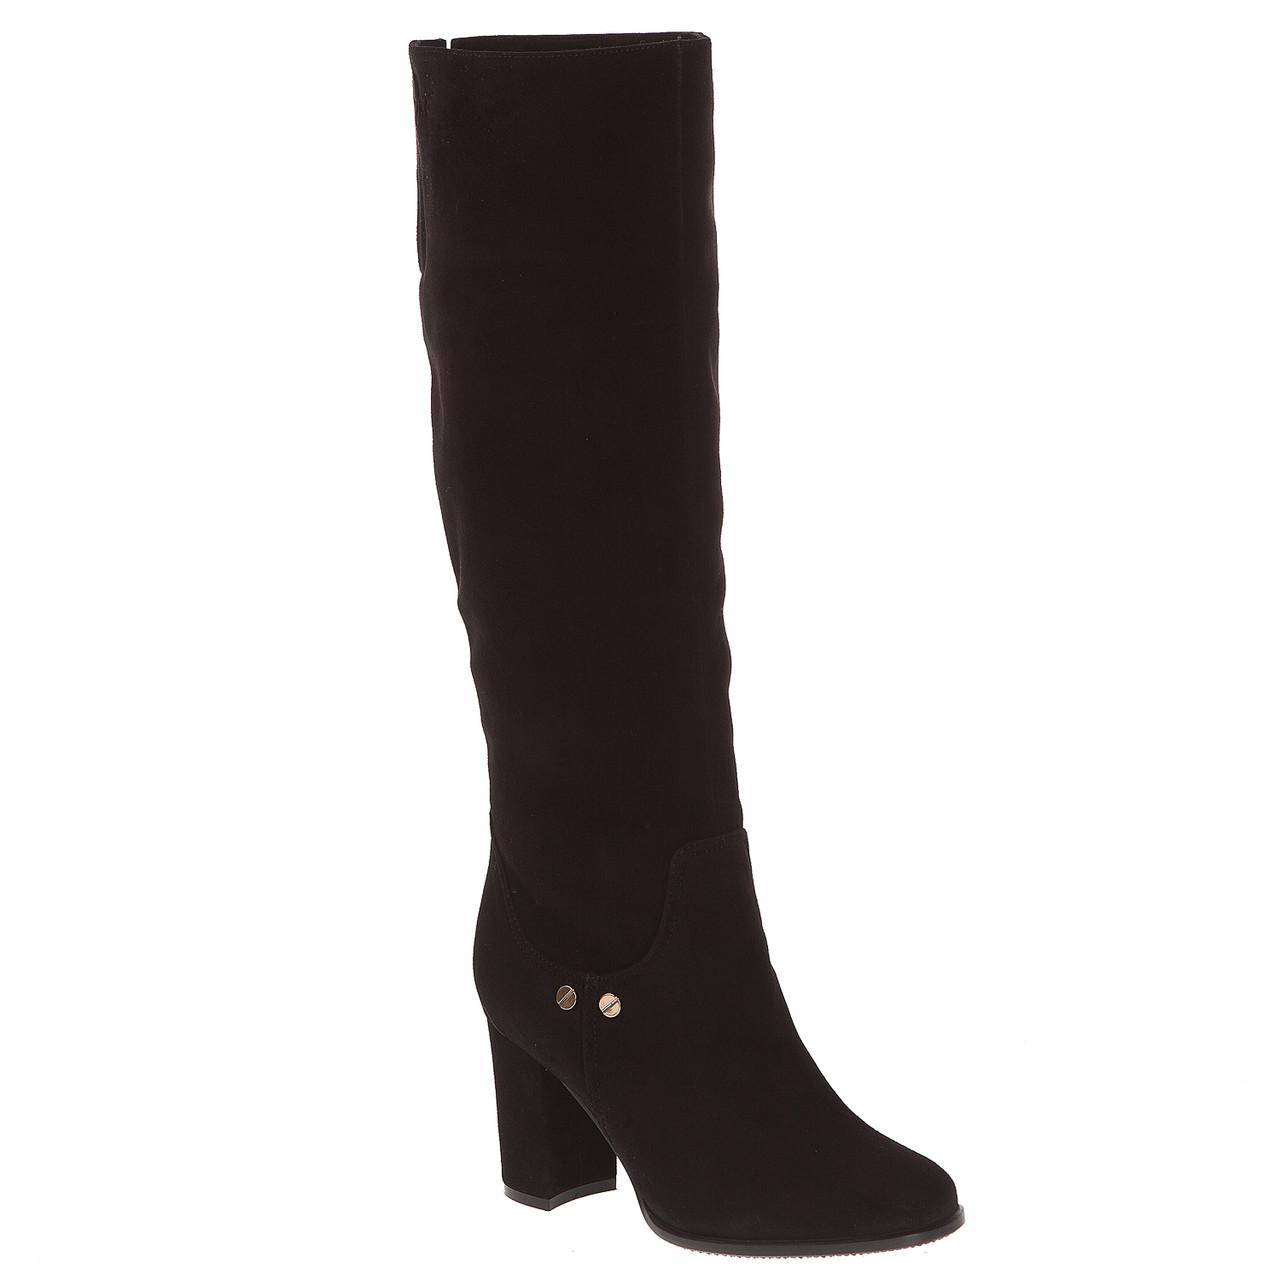 Сапоги женские Viko (черные, замшевые, на устойчивом каблуке, удобные,  теплые, стильные) 57289a50137